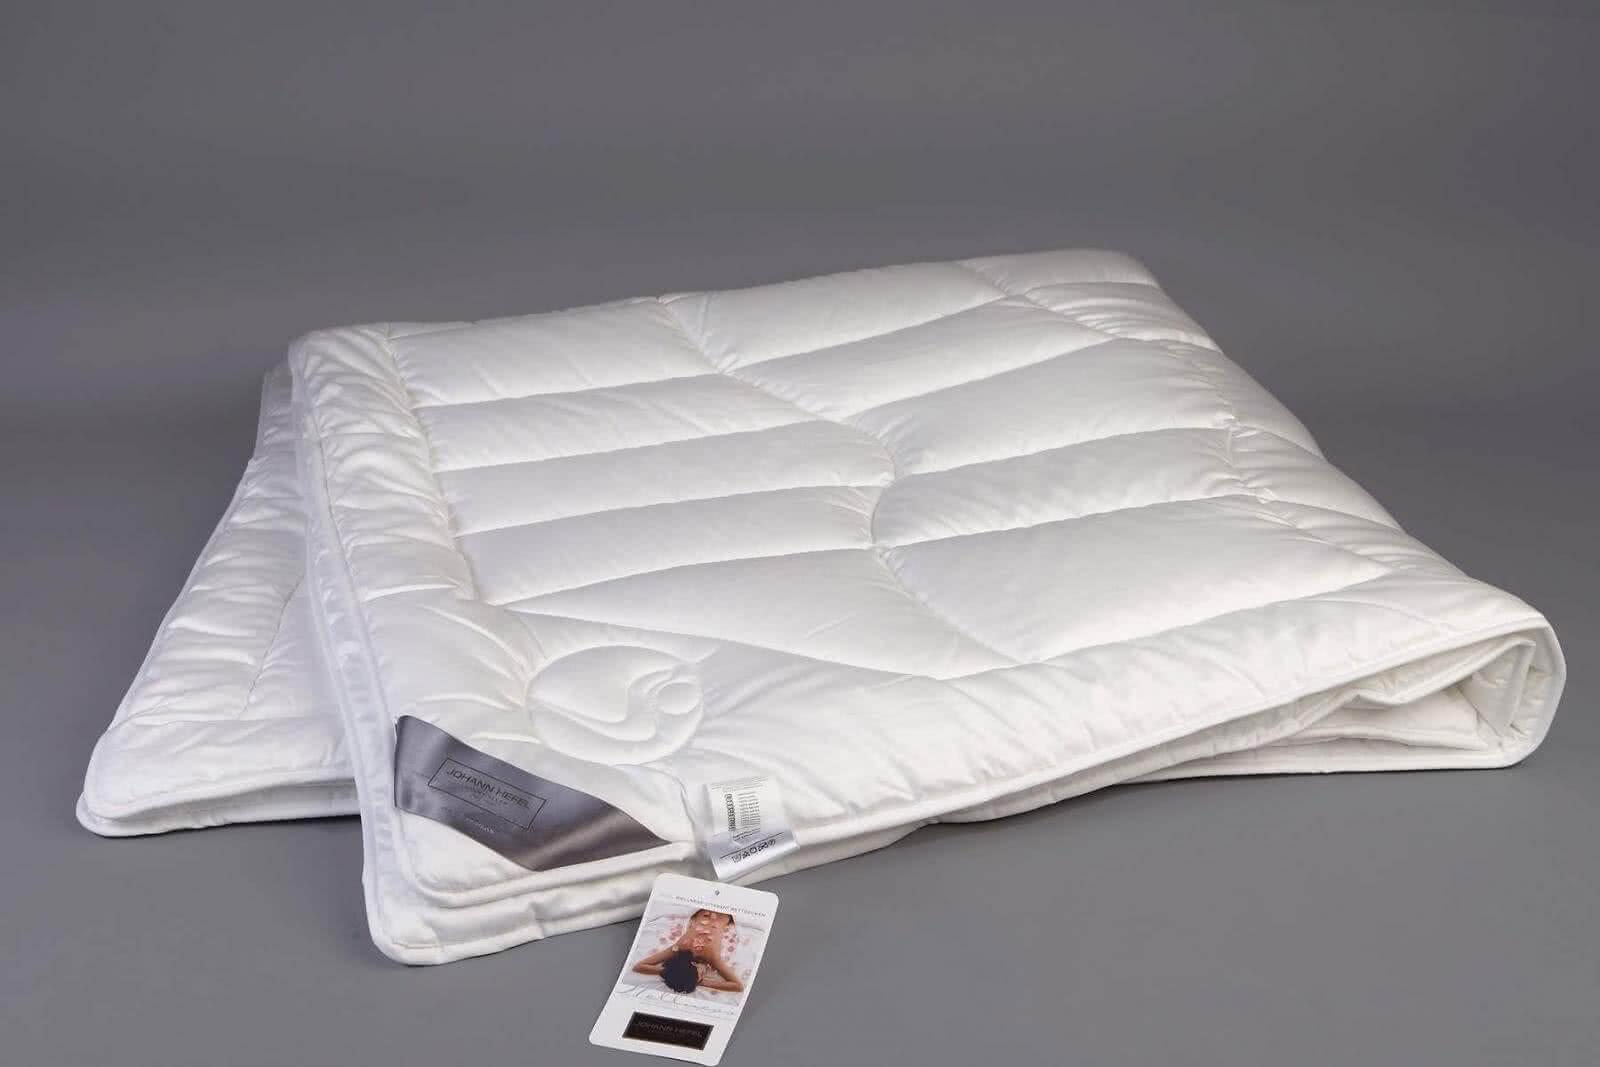 Одеяло Johann Hefel Klima Control Comfort GD, всесезонное - Detskoye-Postelnoe.Ru